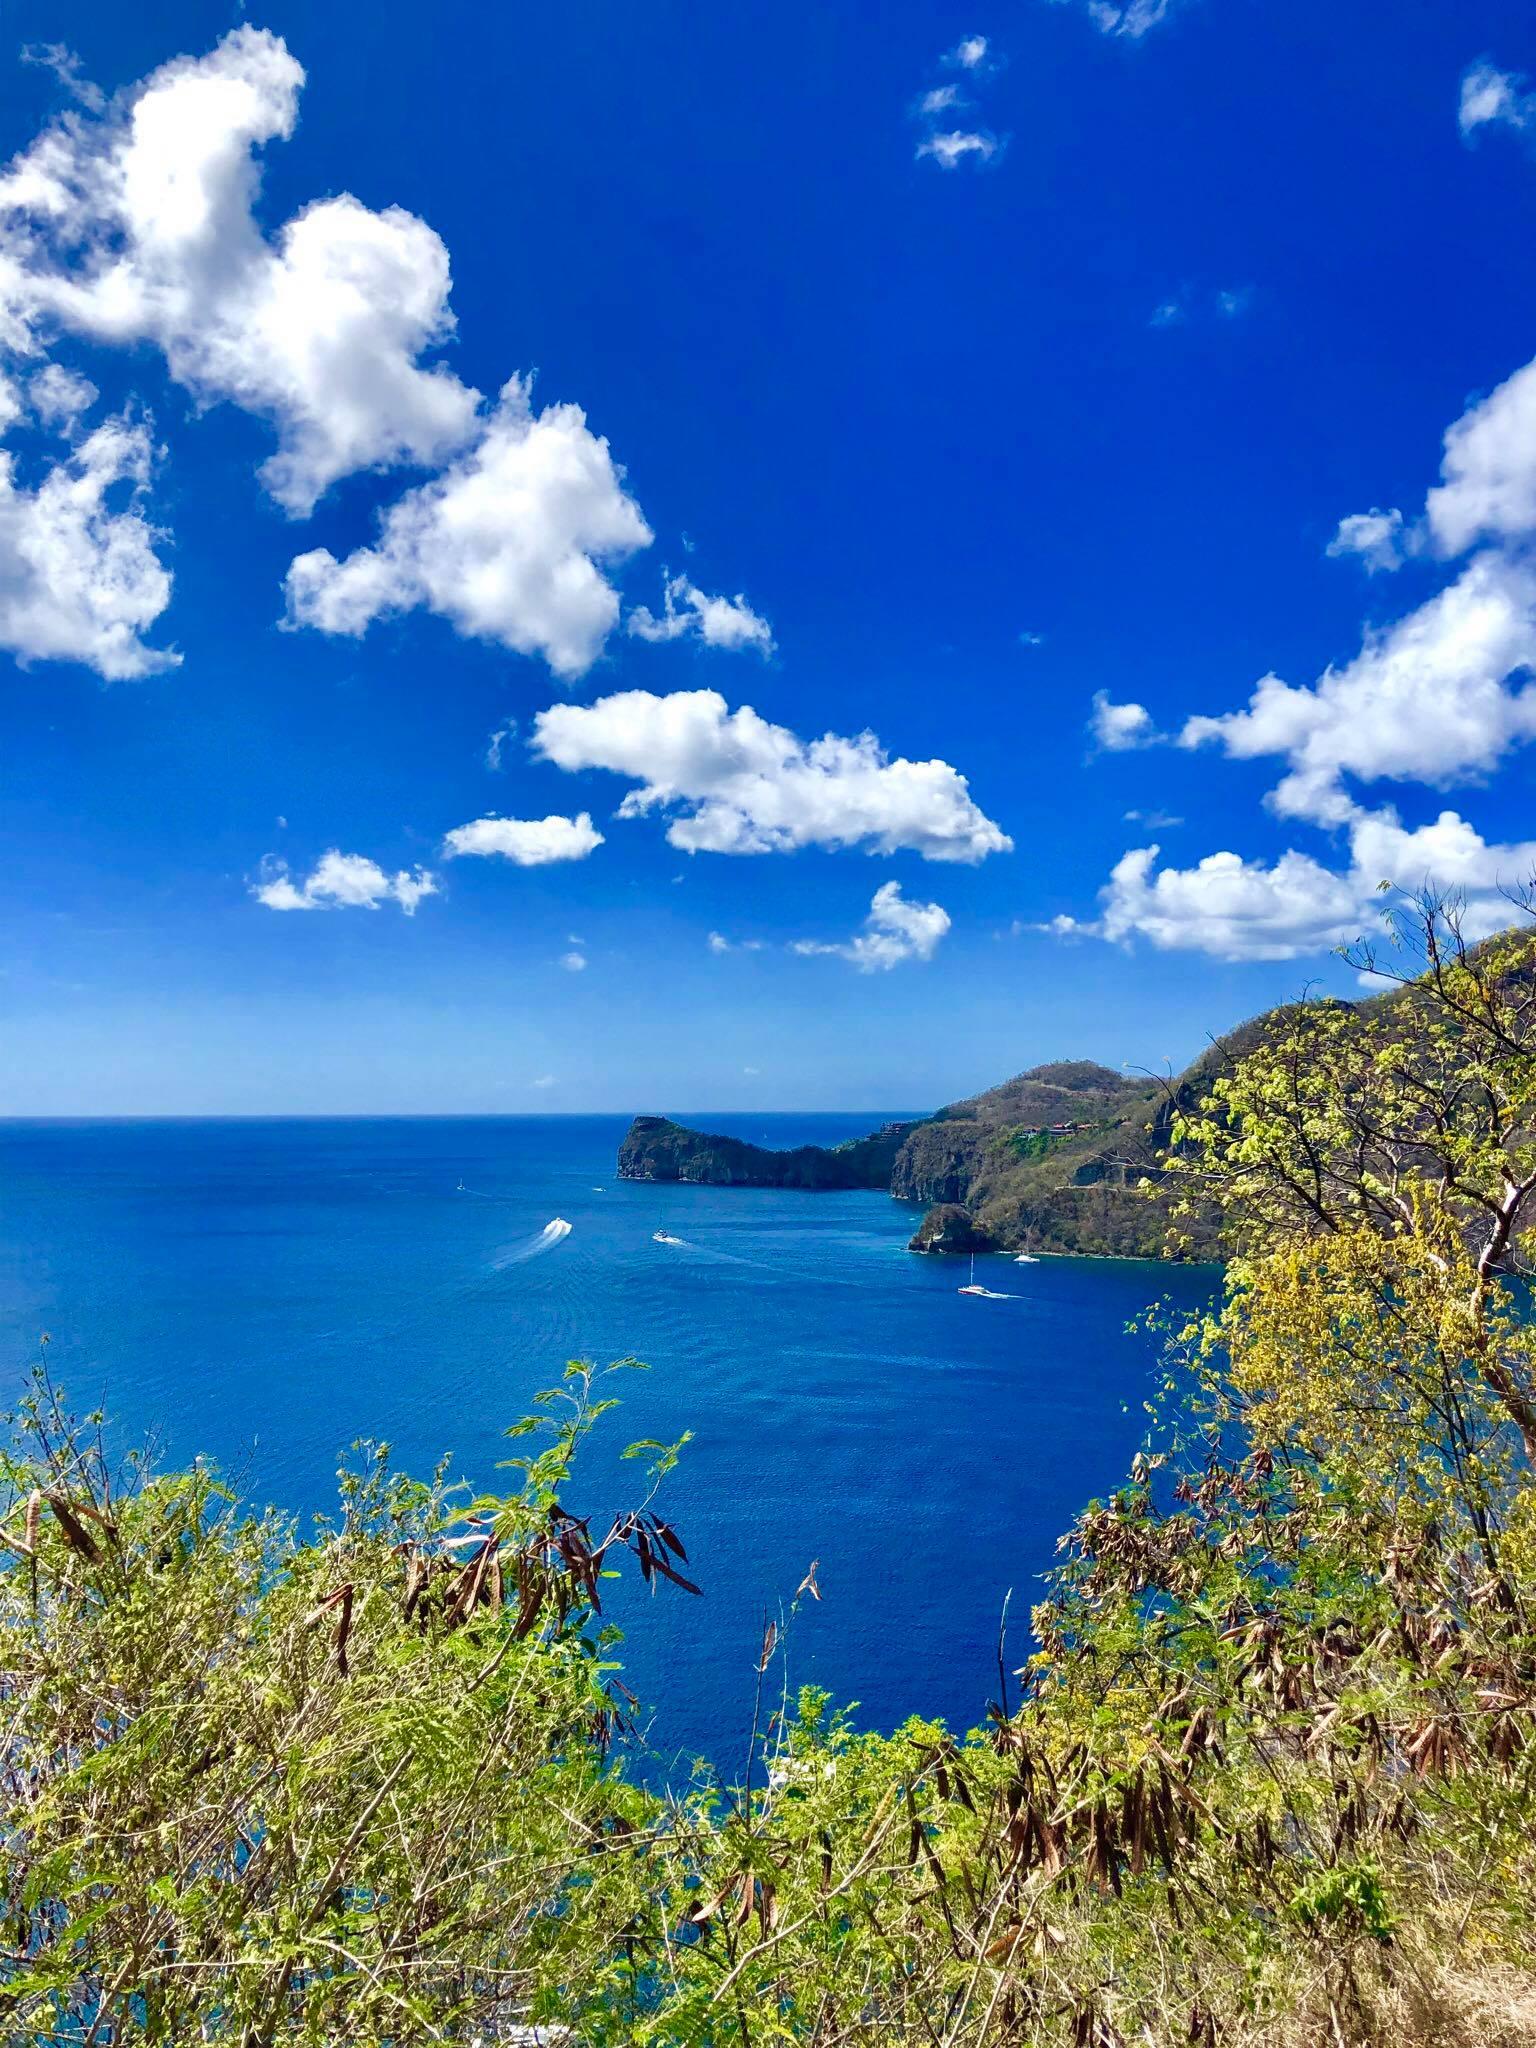 Kach Solo Travels in 2019 Beautiful St Lucia21.jpg